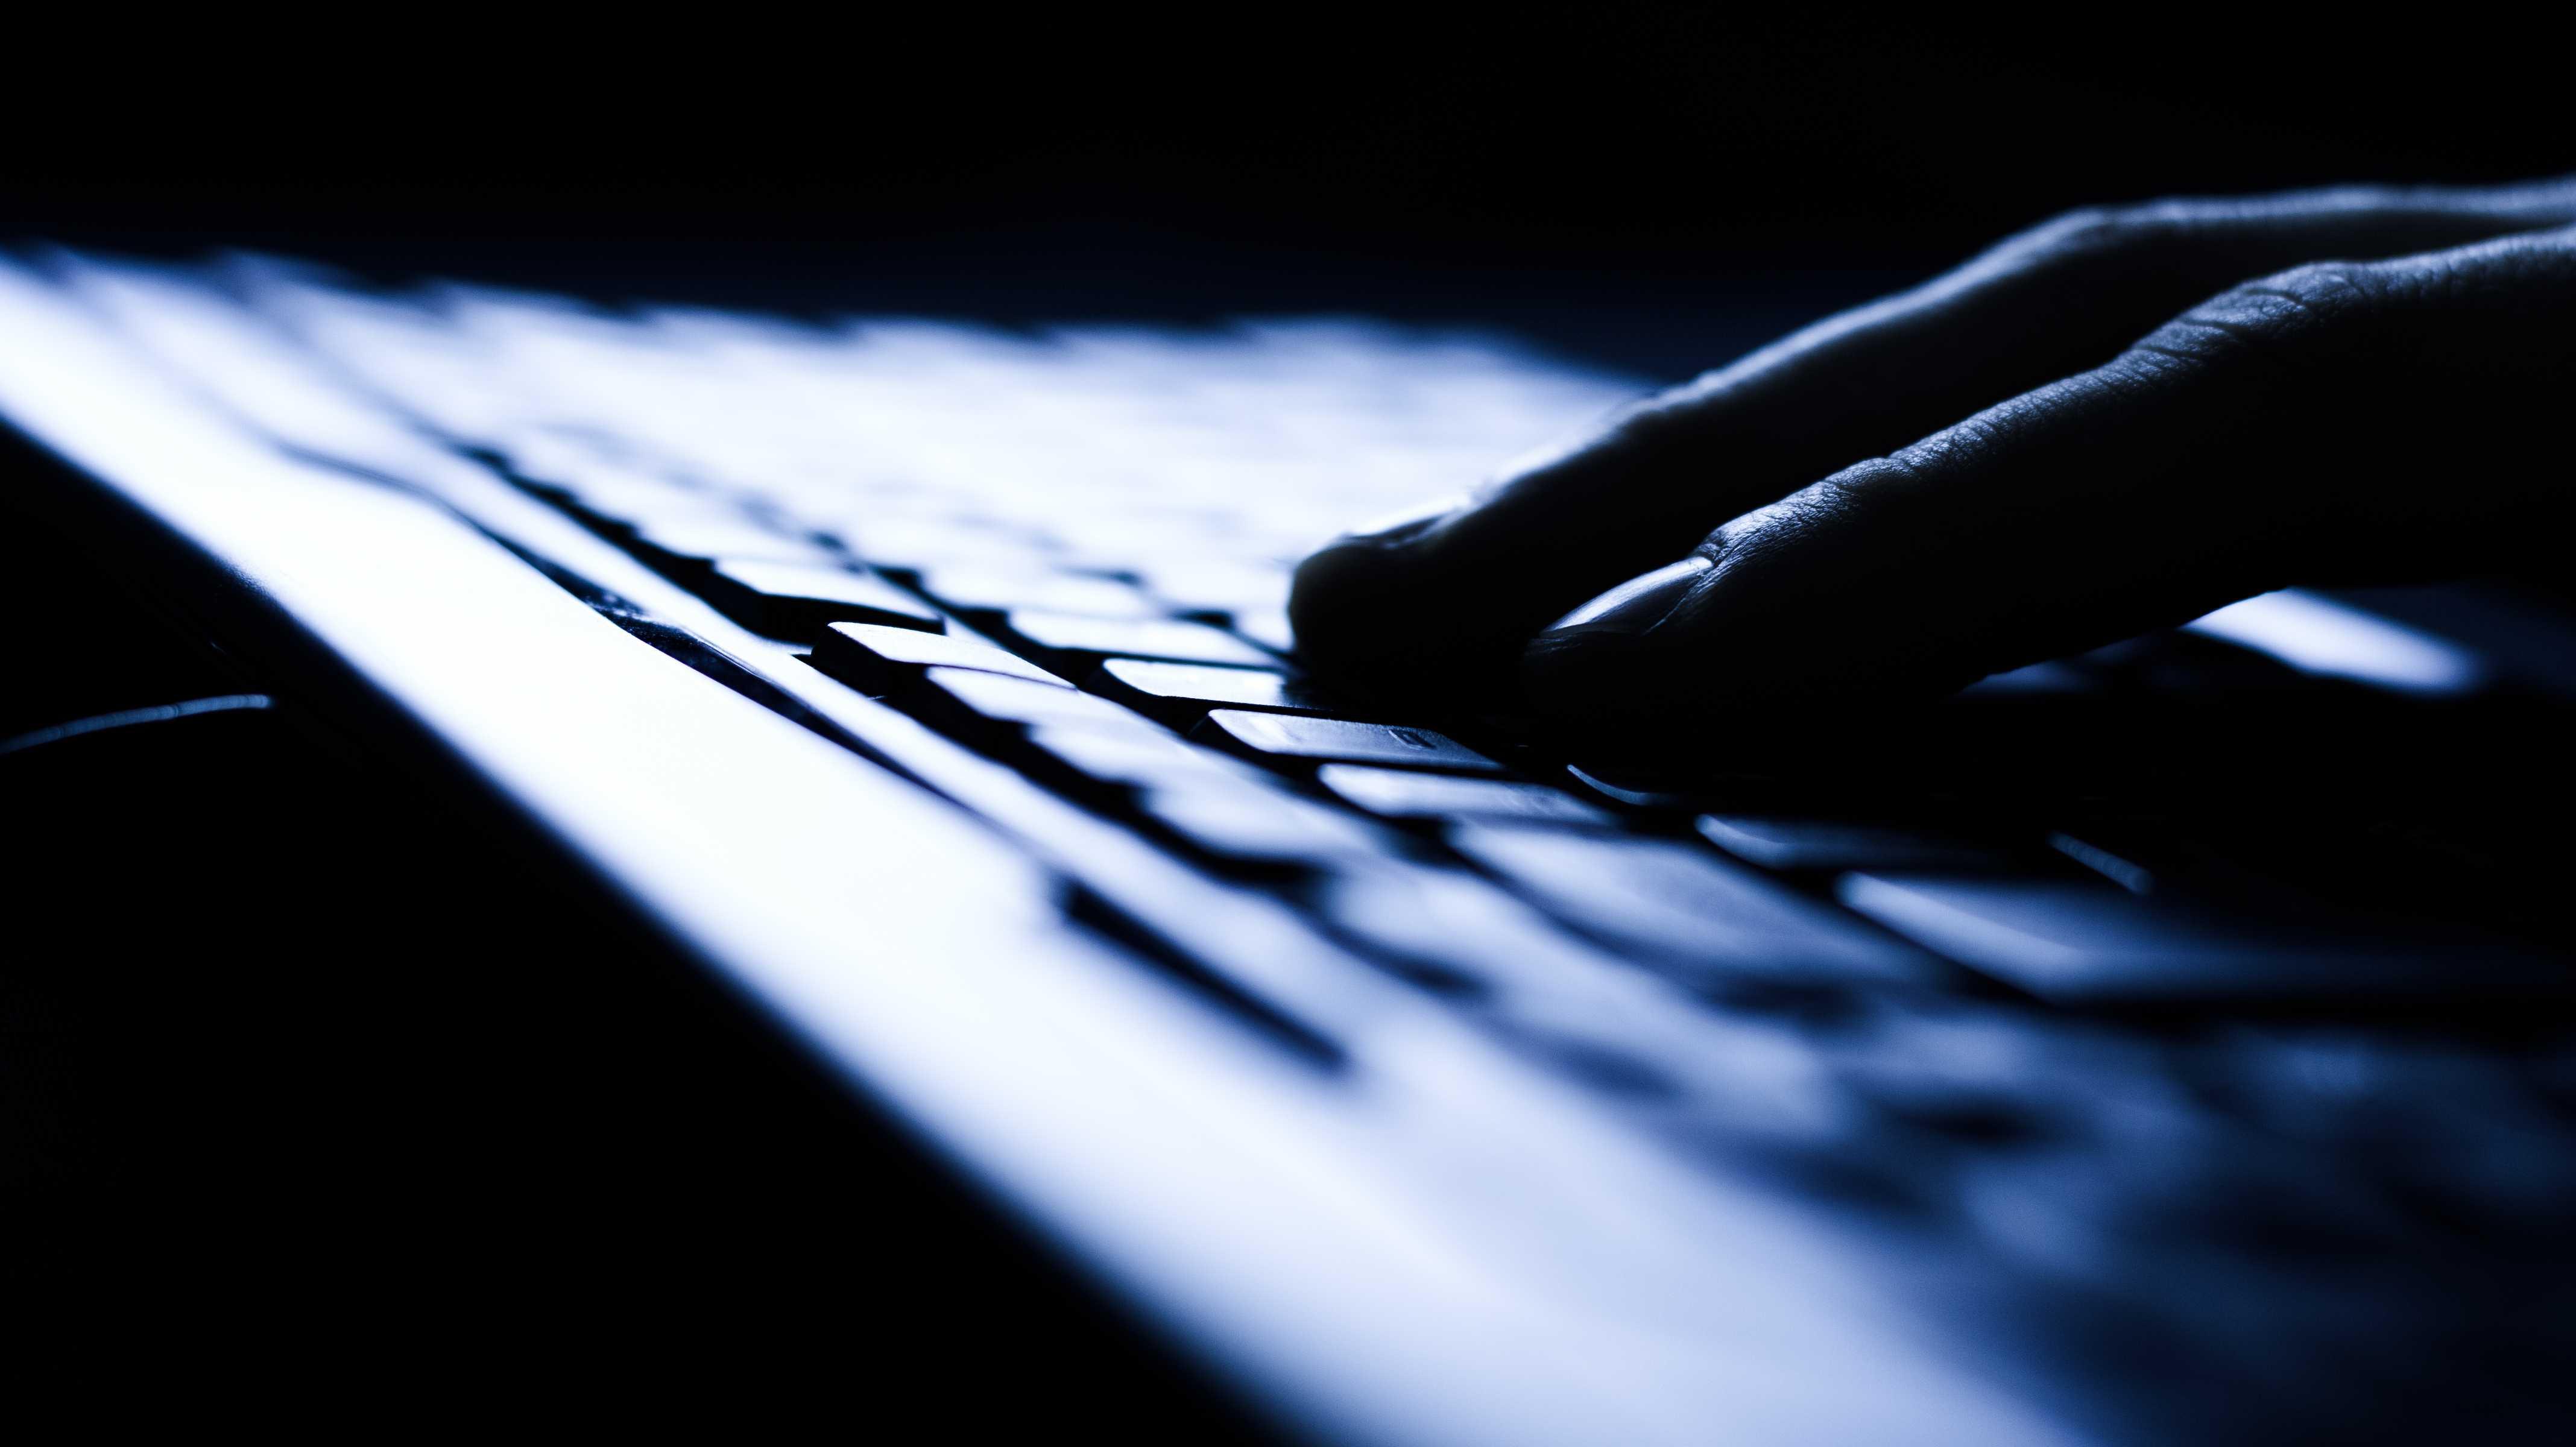 Tastatur im dunklen Raum